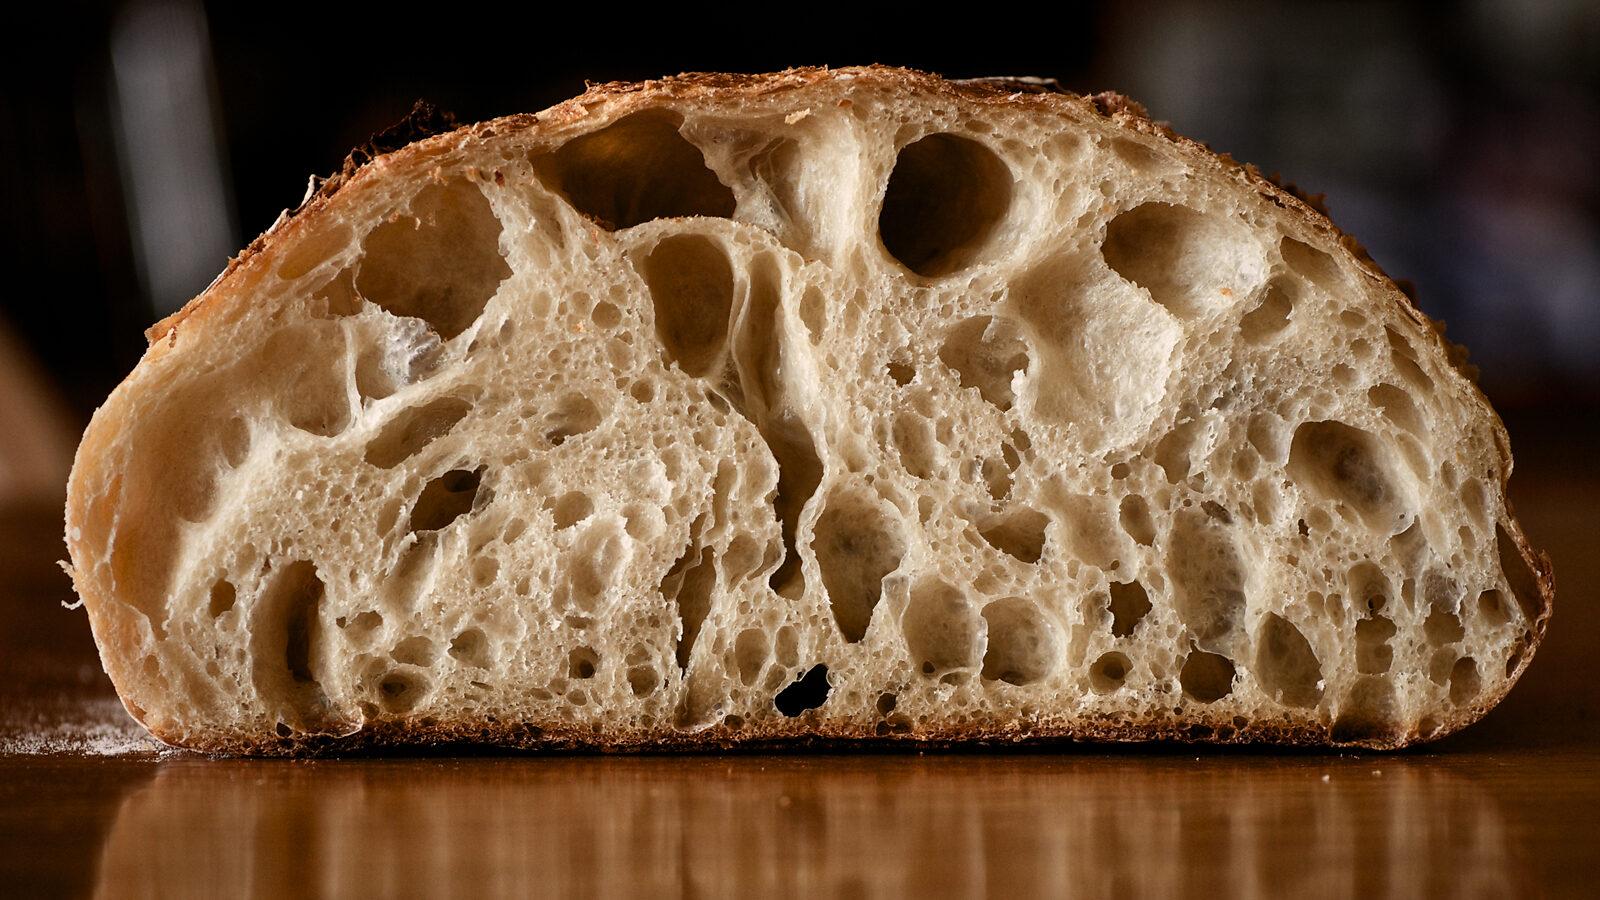 A slice of sourdough bread